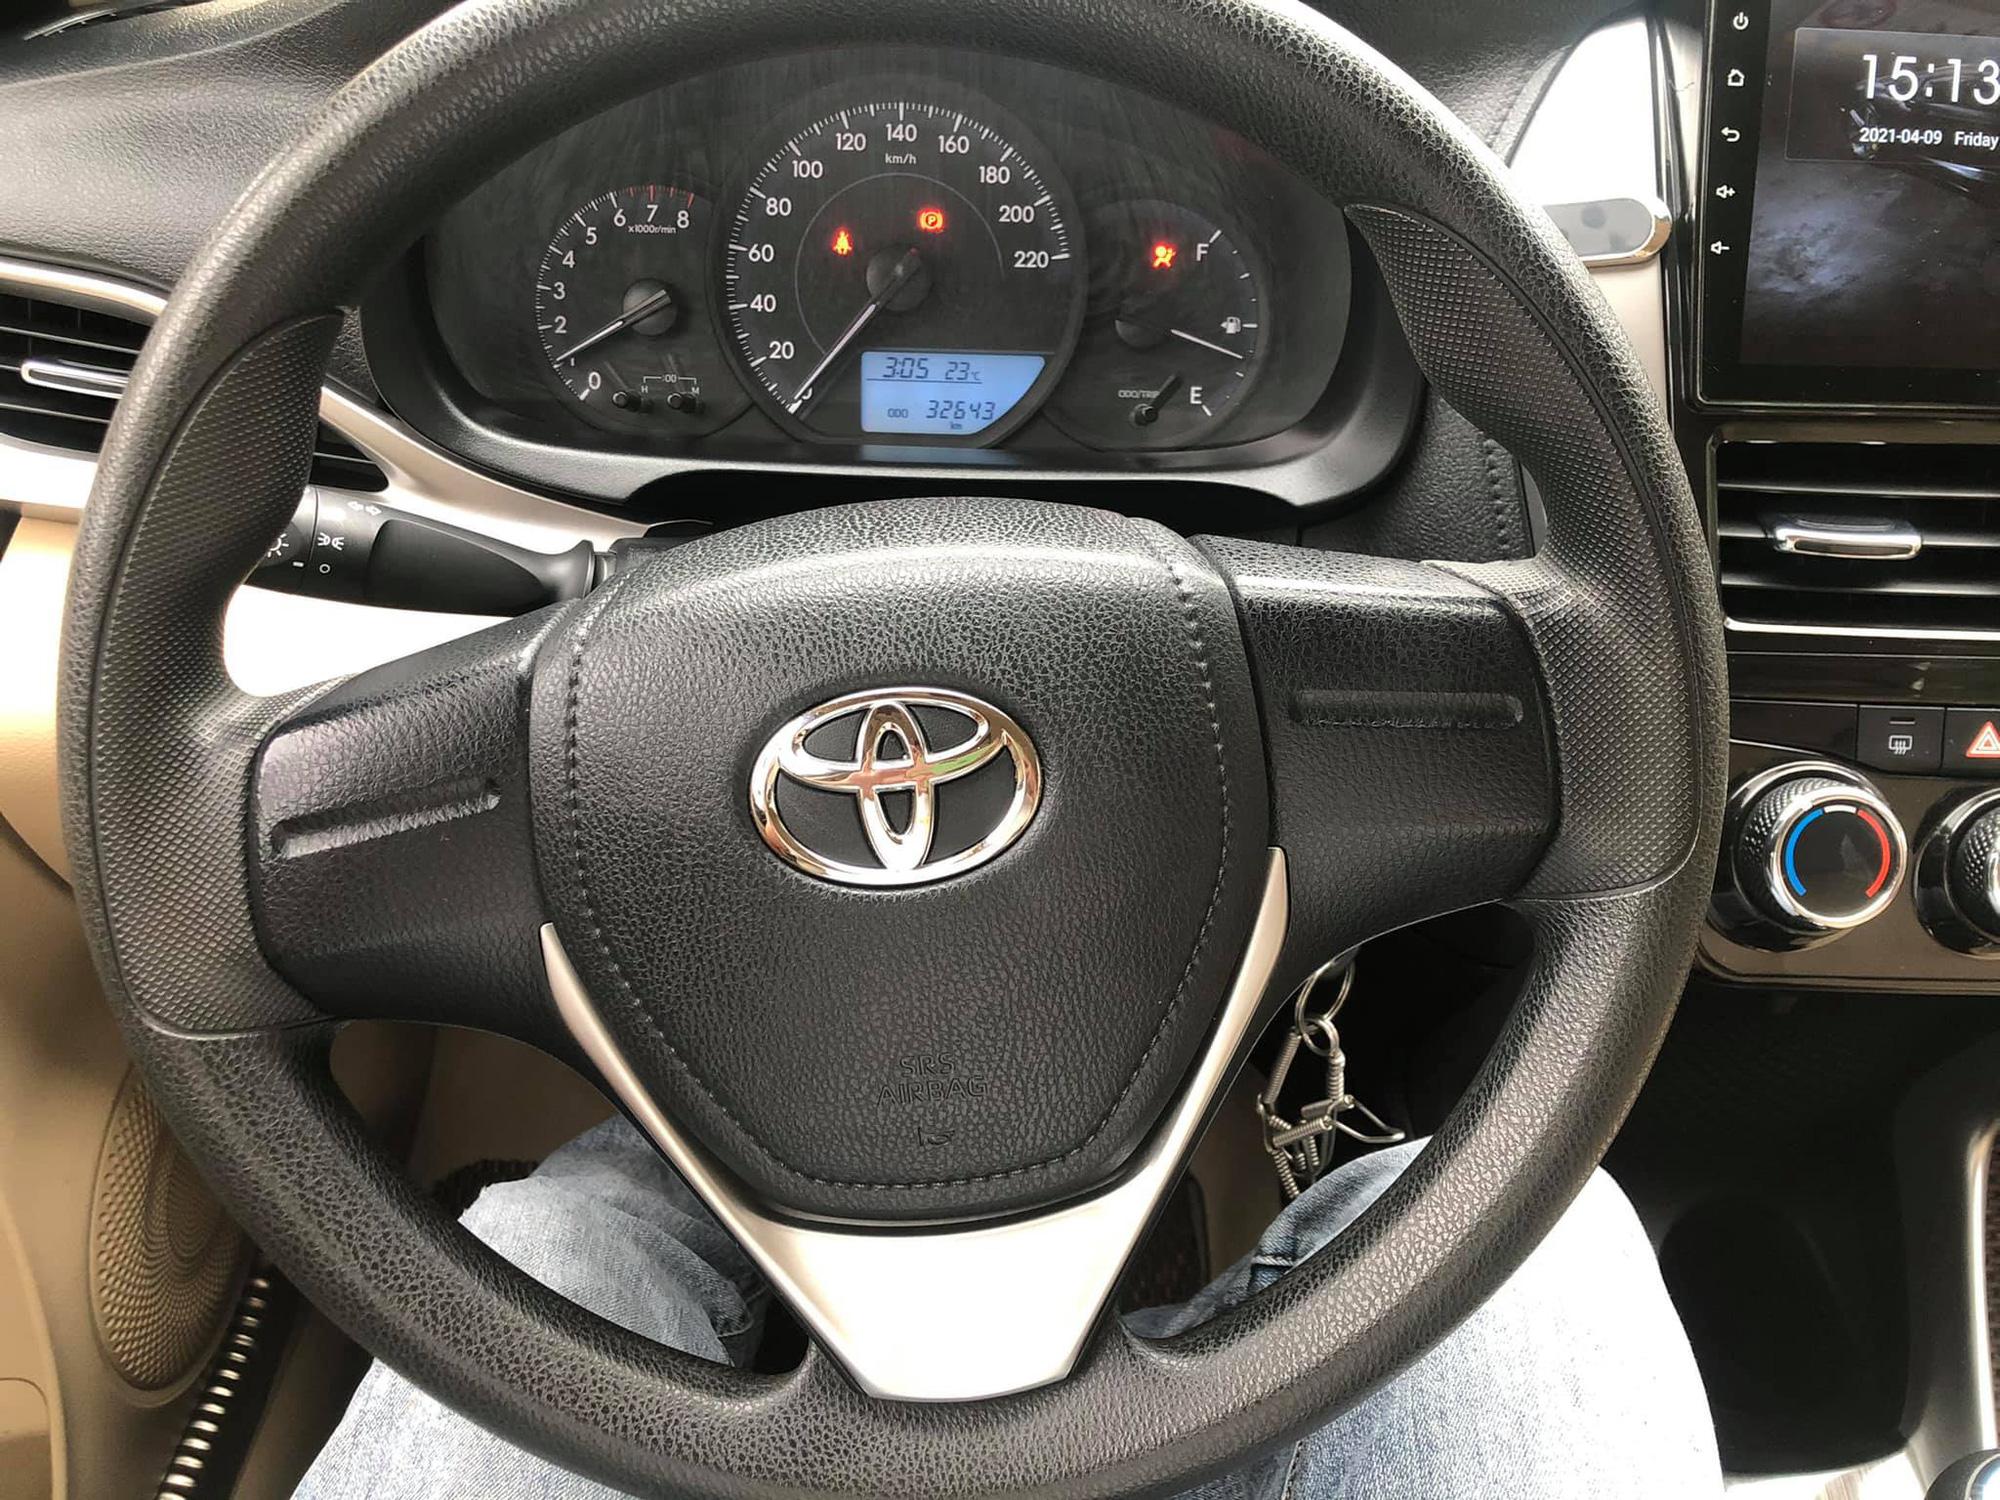 Toyota Vios số sàn đời 2018 màu vàng cát, đẹp như mới, rao bán giá ngỡ ngàng - Ảnh 4.